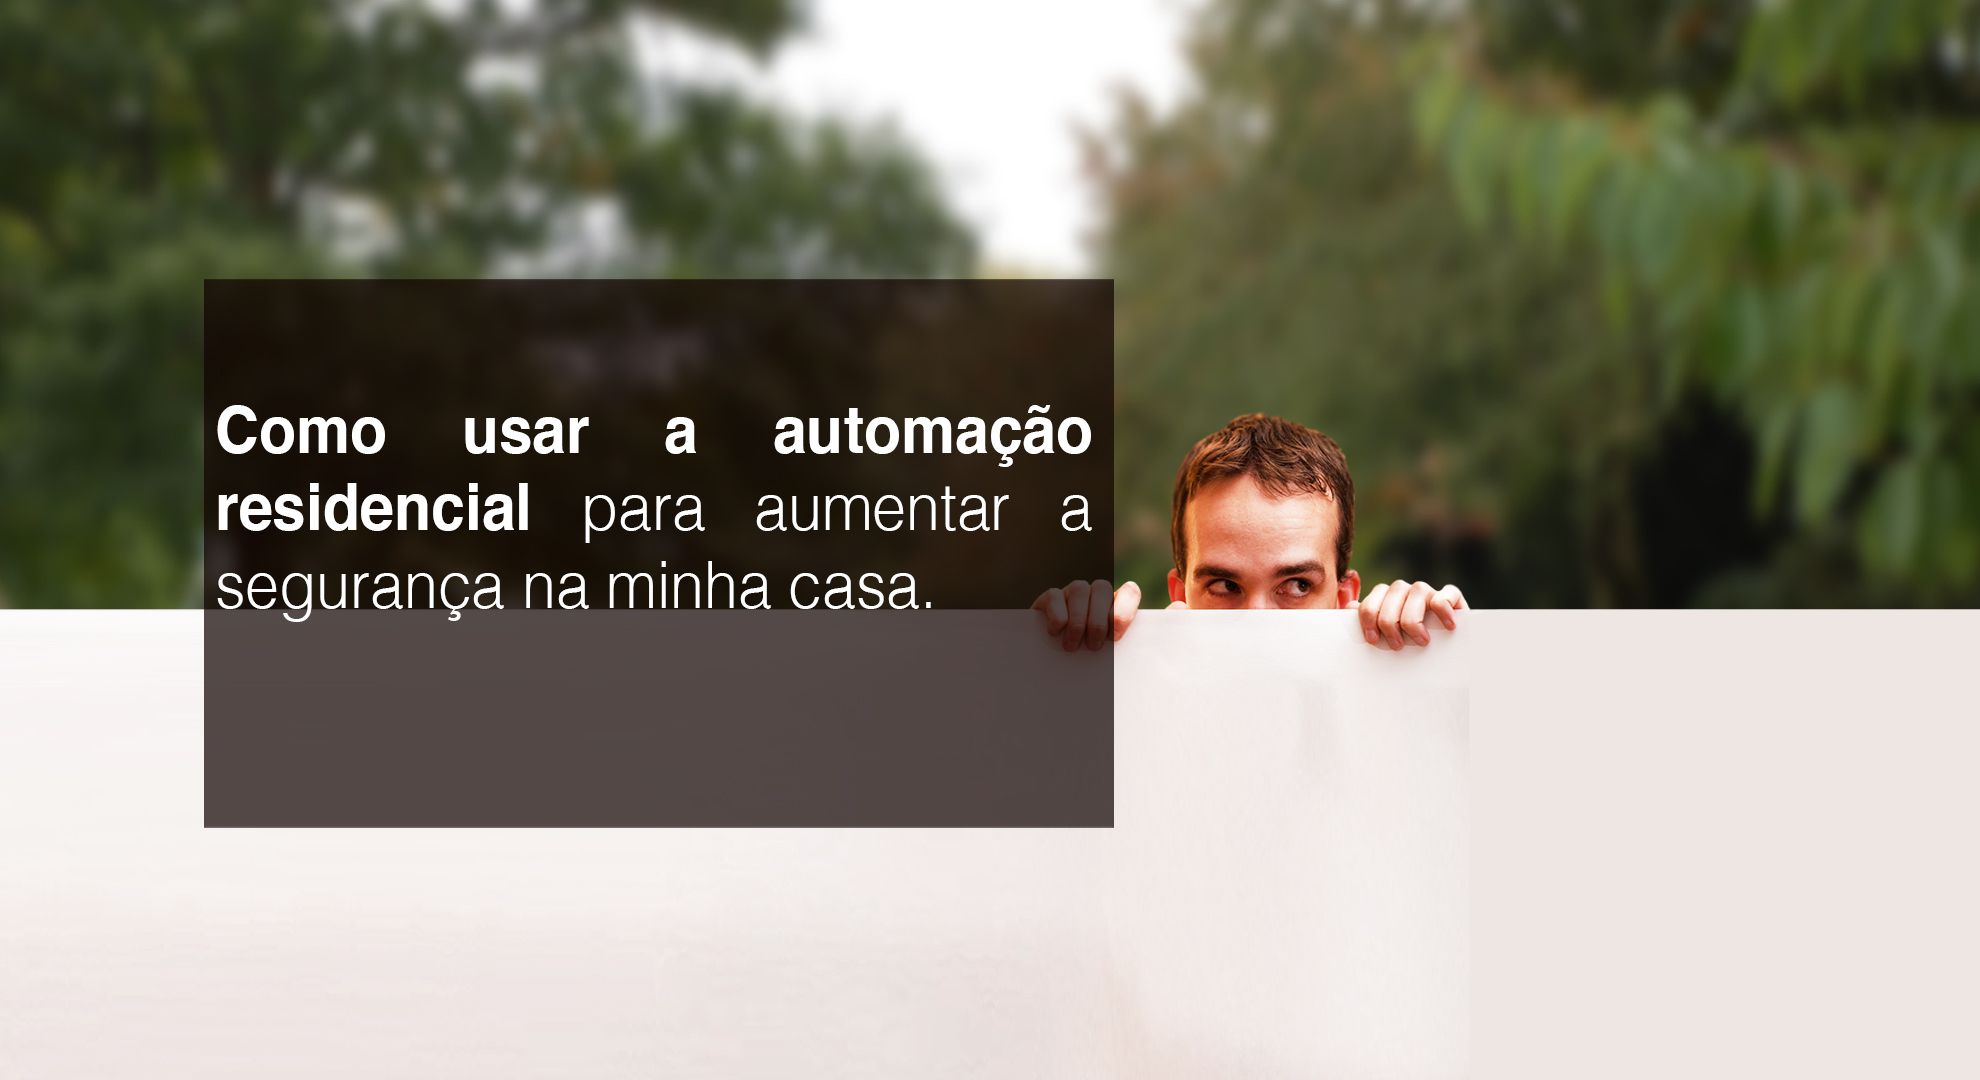 como-usar-automacao-seguranca-aumentar-seguranca